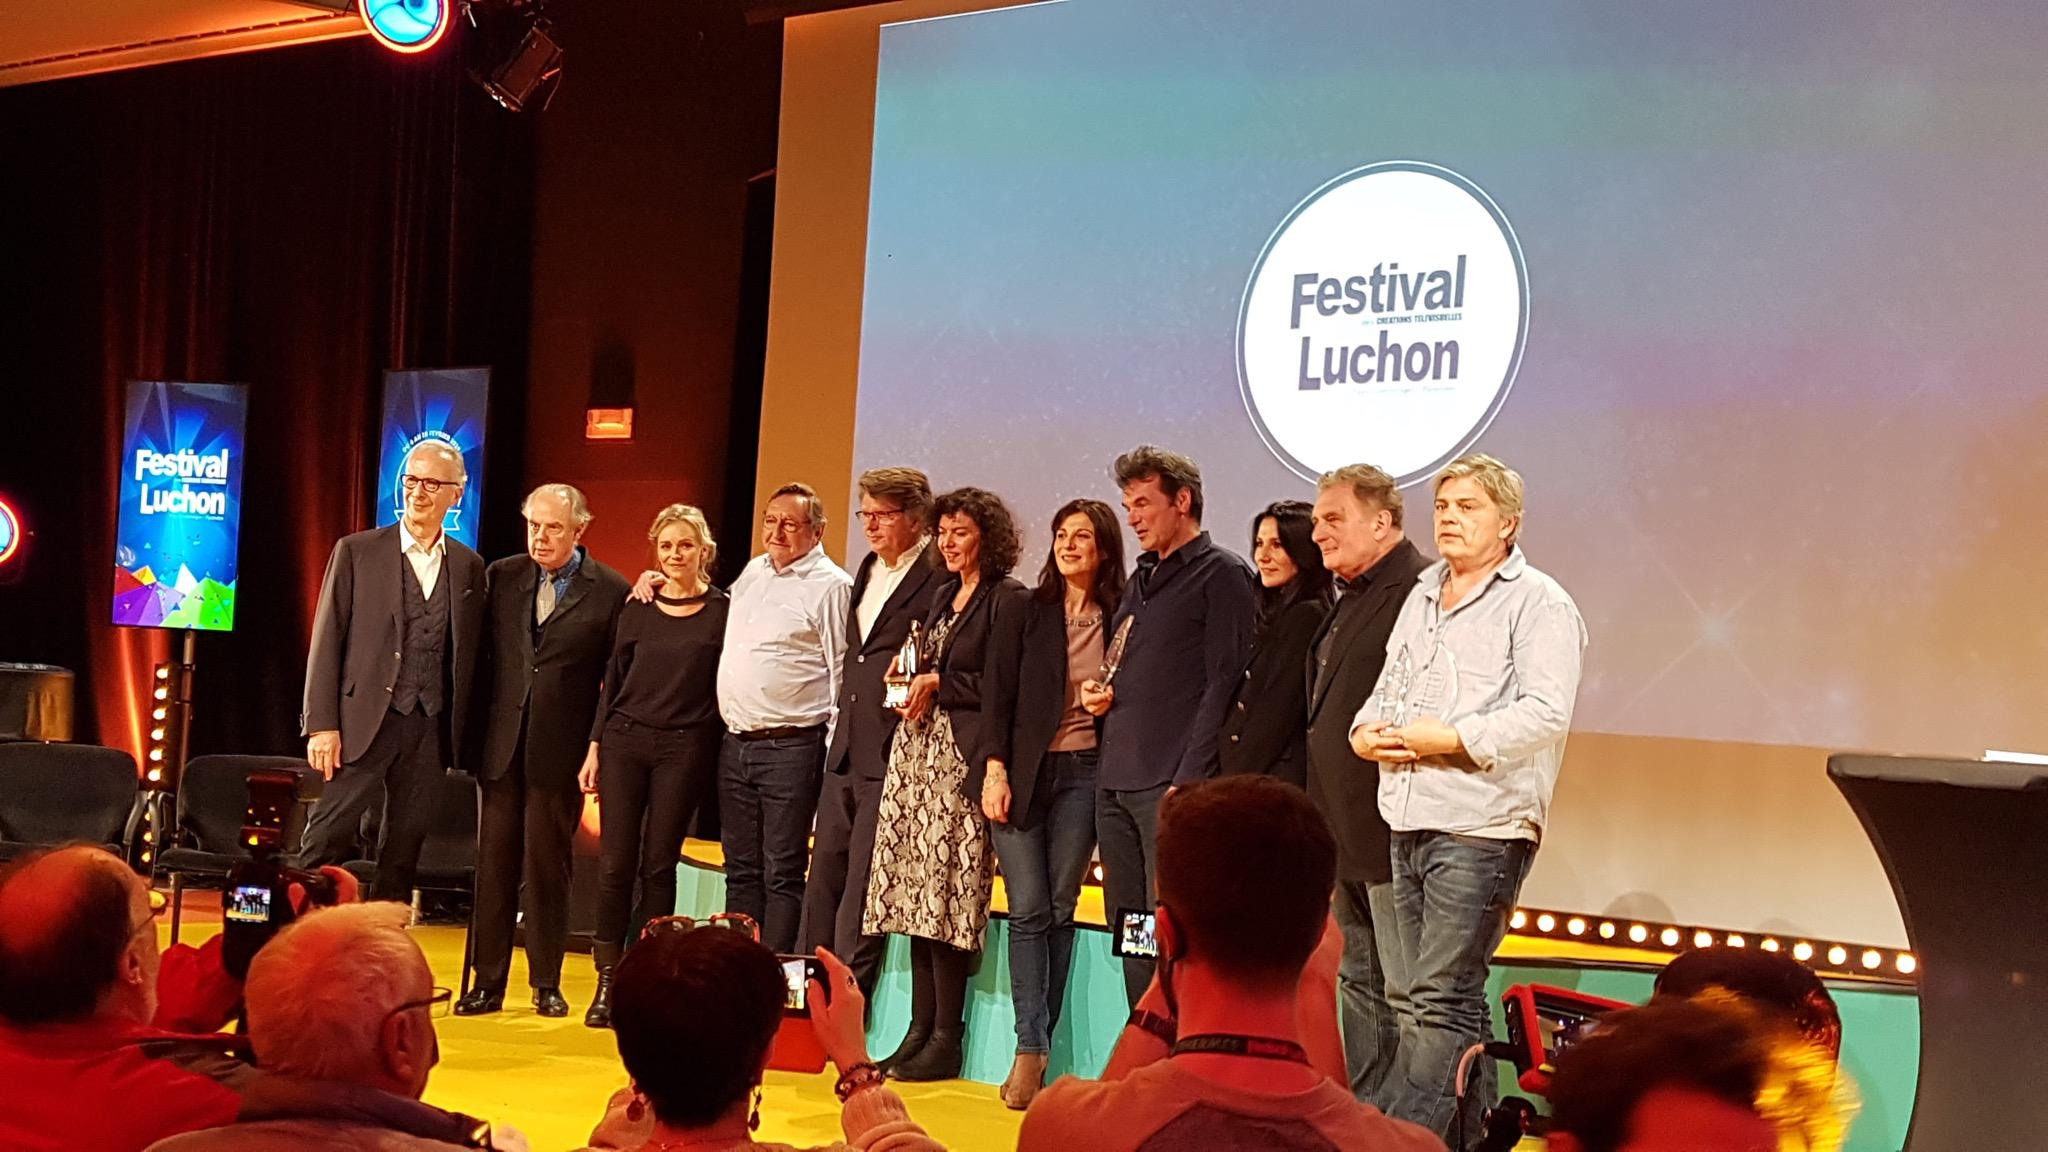 Festival de Luchon 2019 image Le Palmarès Documentaire télévision